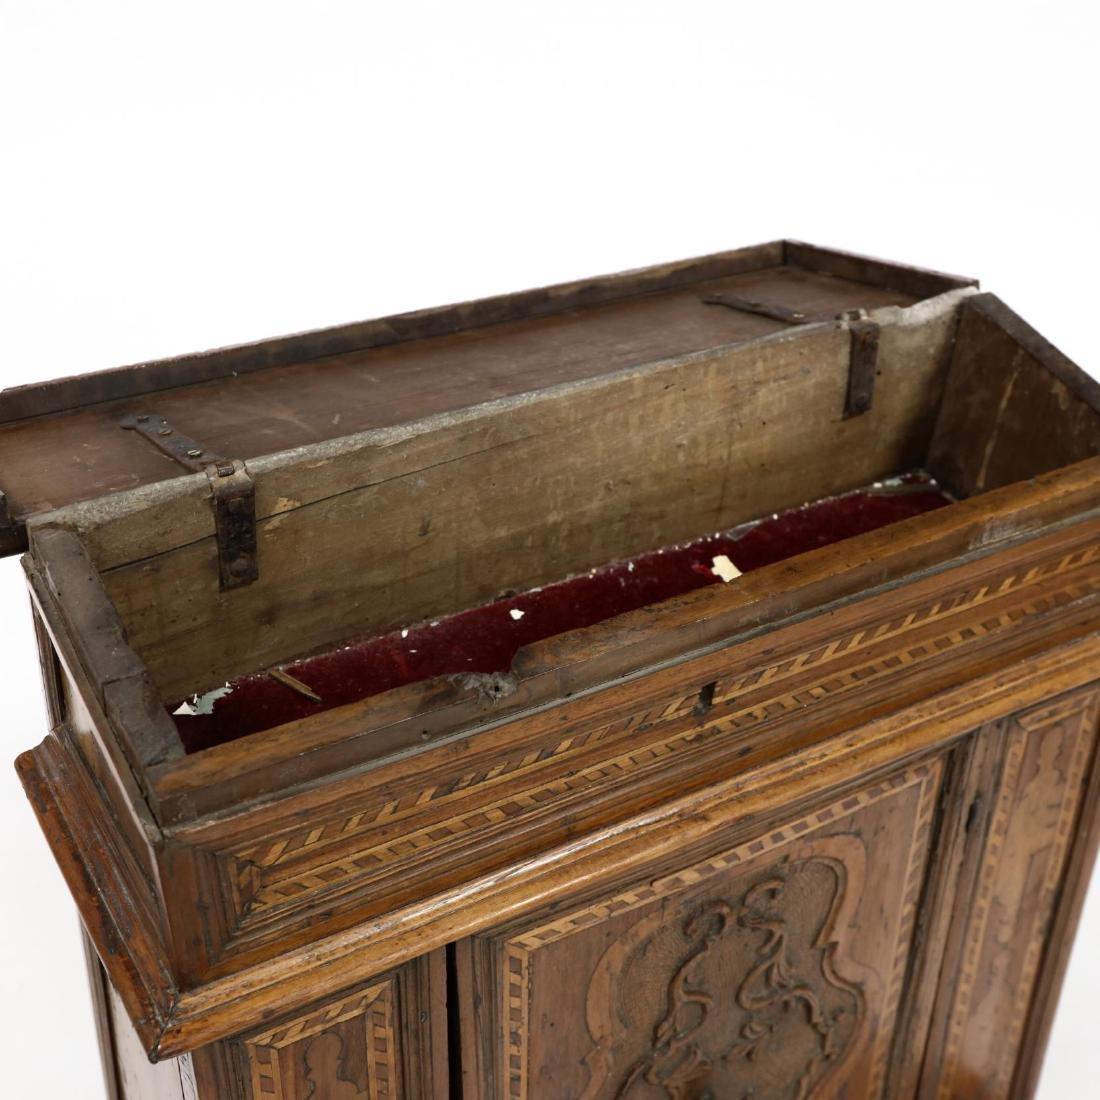 Antique Inlaid Prie-Dieu Cabinet - 3